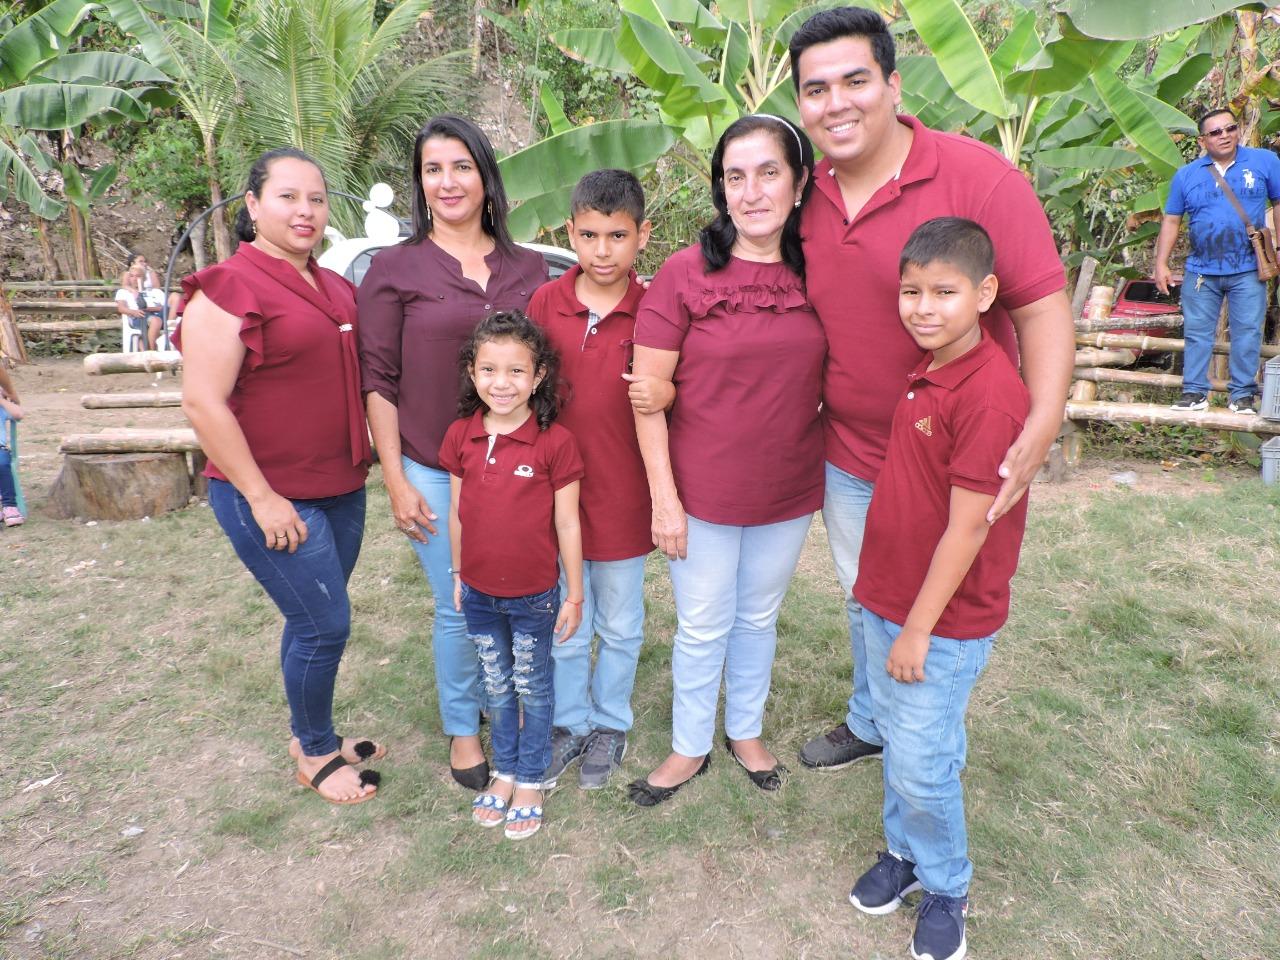 Grety Zambrano Risco (tercera desde la derecha) y su familia. Ella ganó el concurso de Señora Reencuentro 2019.